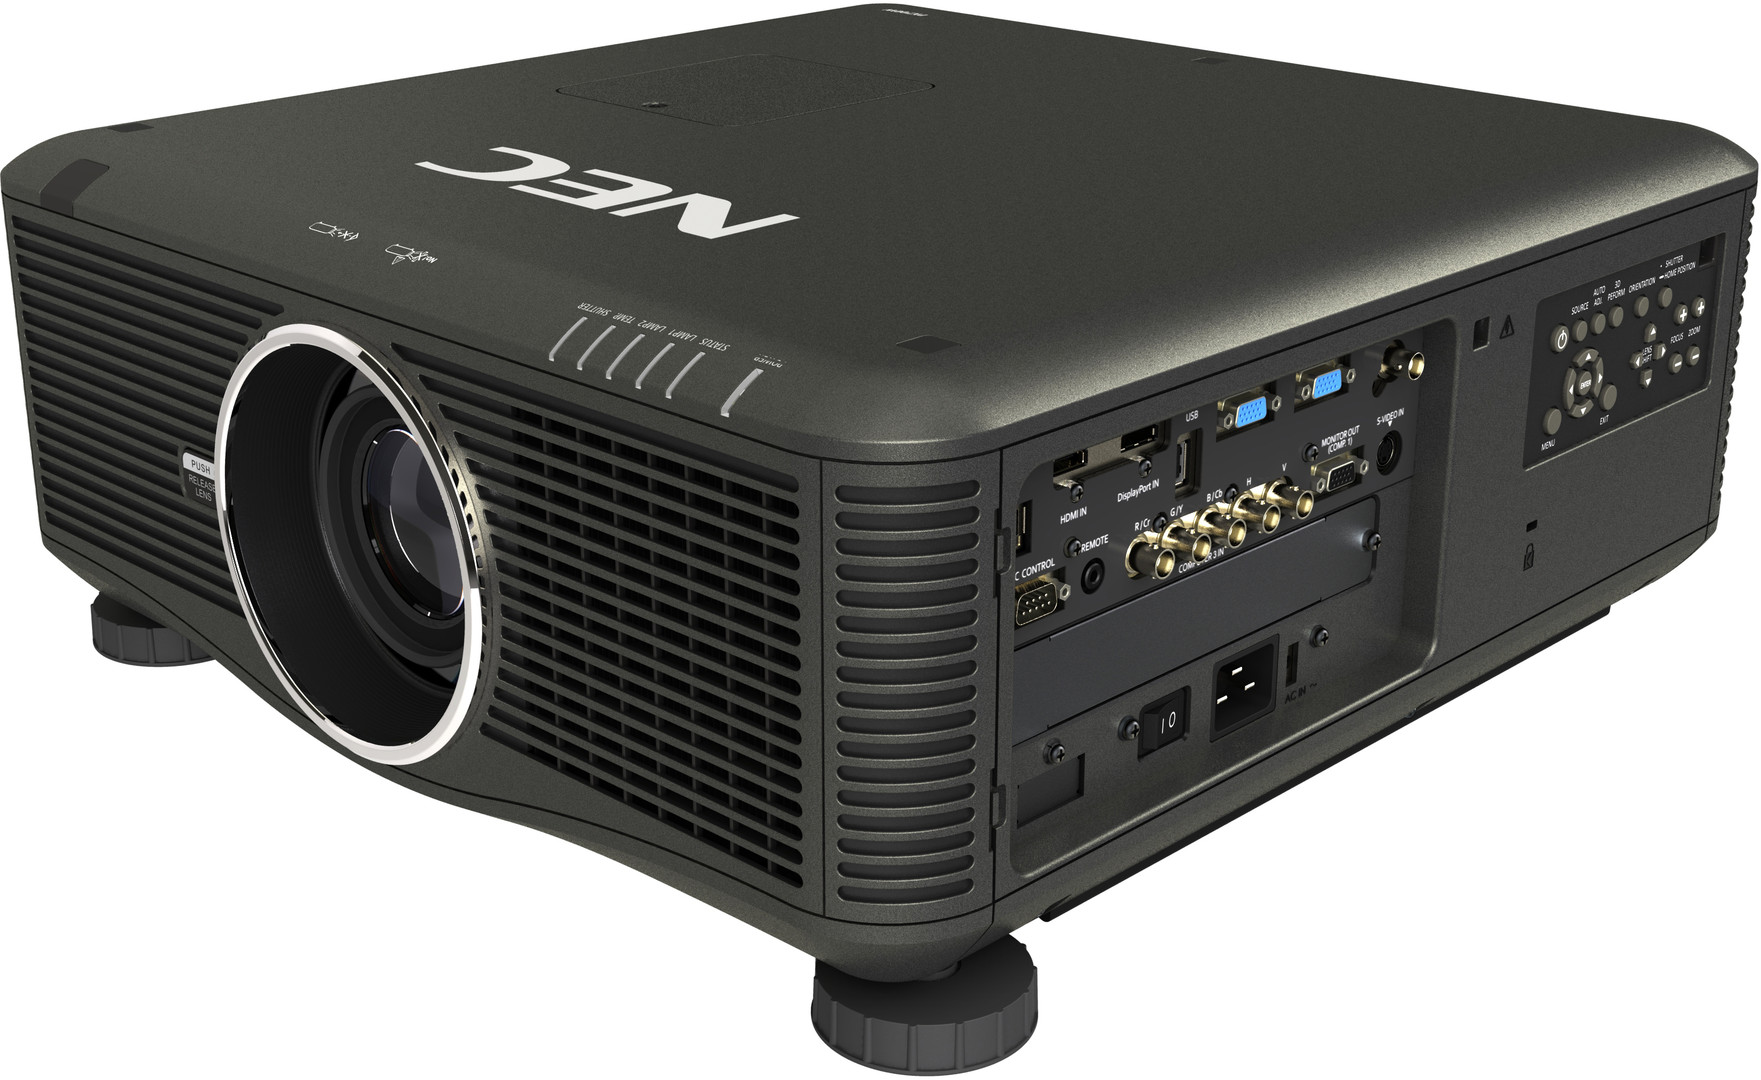 NEC PX-700W